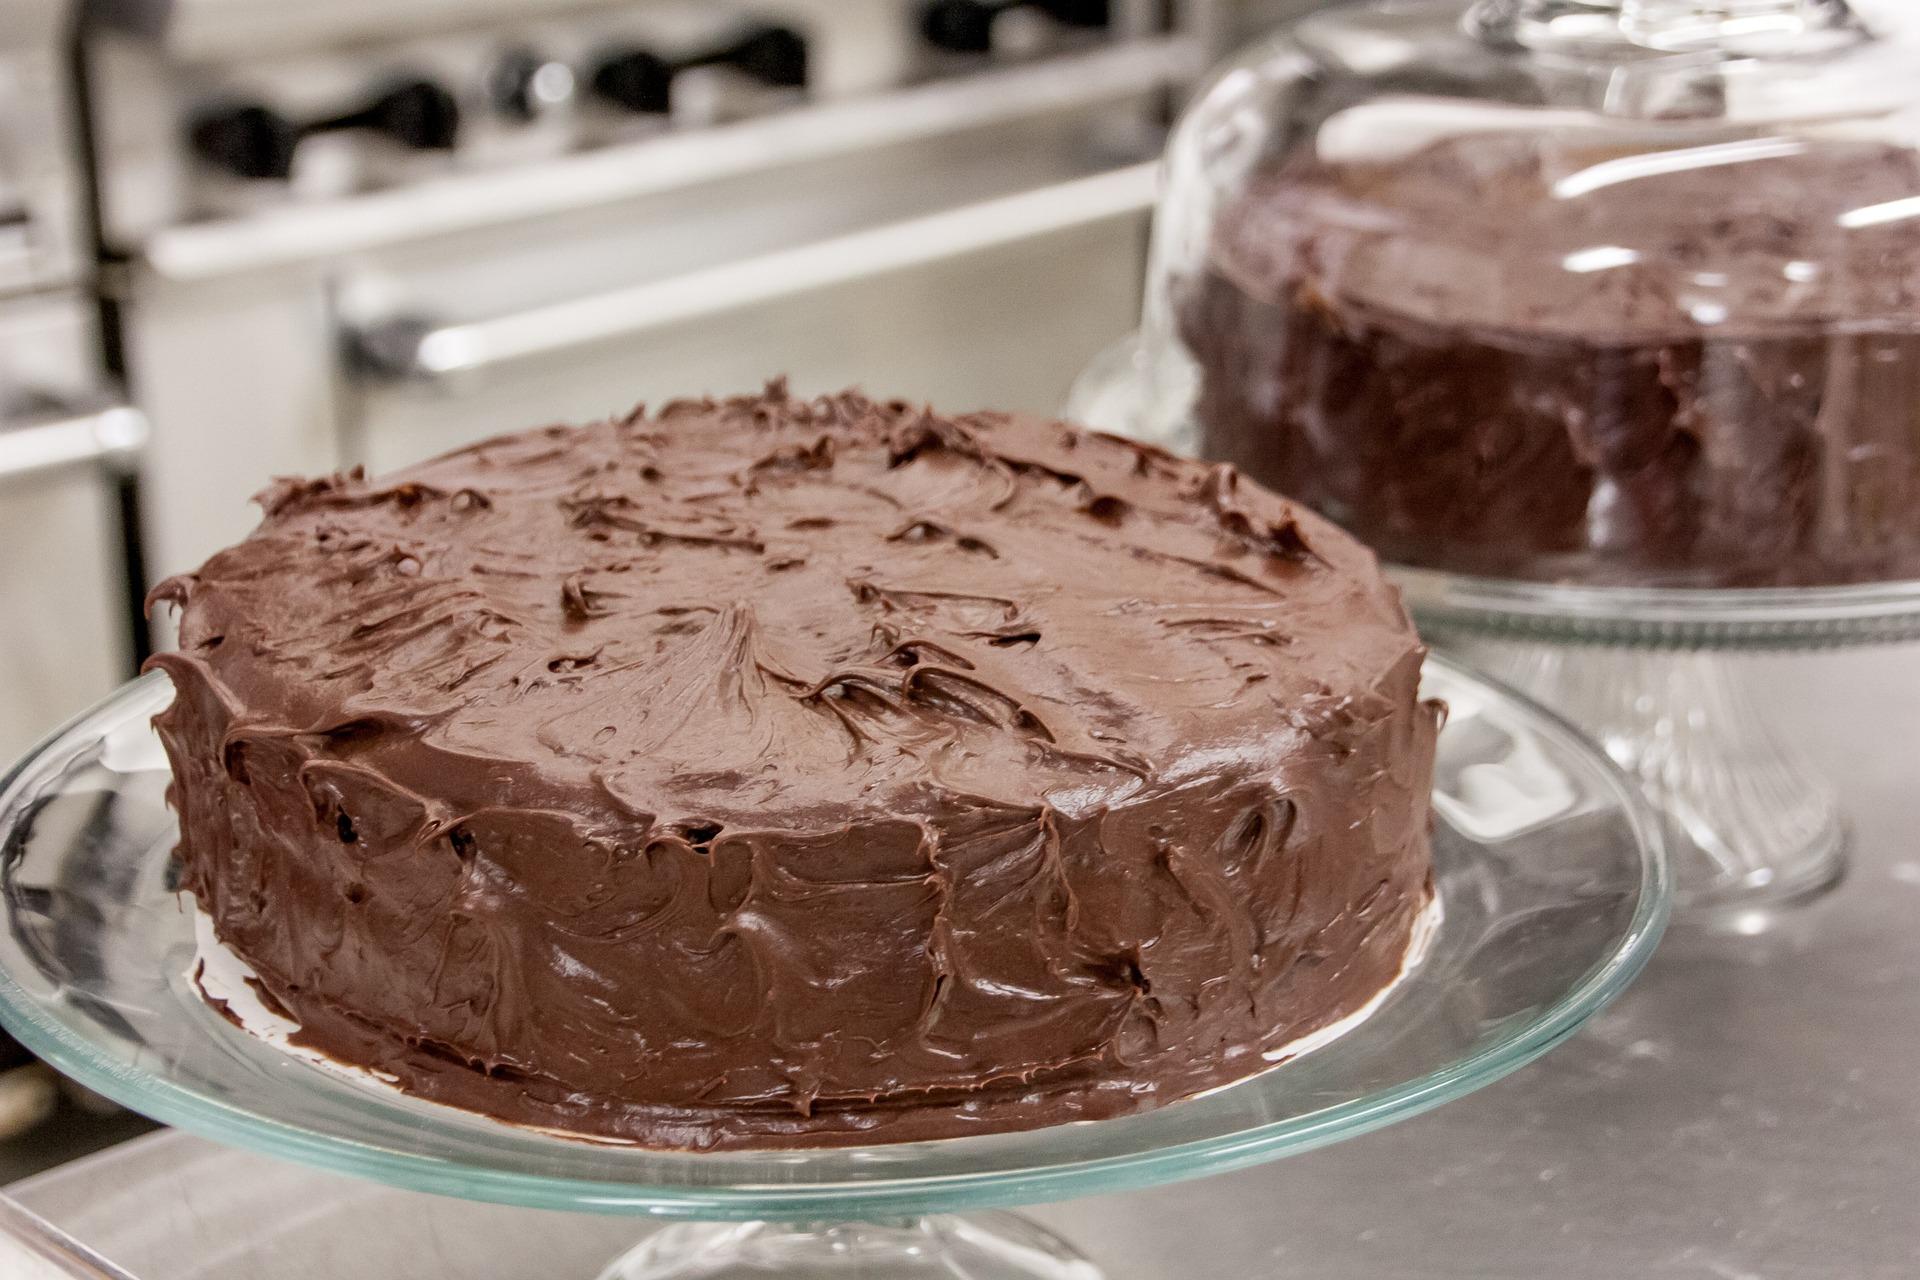 prajitura cu crema de lapte - sfatulparintilor.ro - pixabay_com - chocolate-1121356_1920